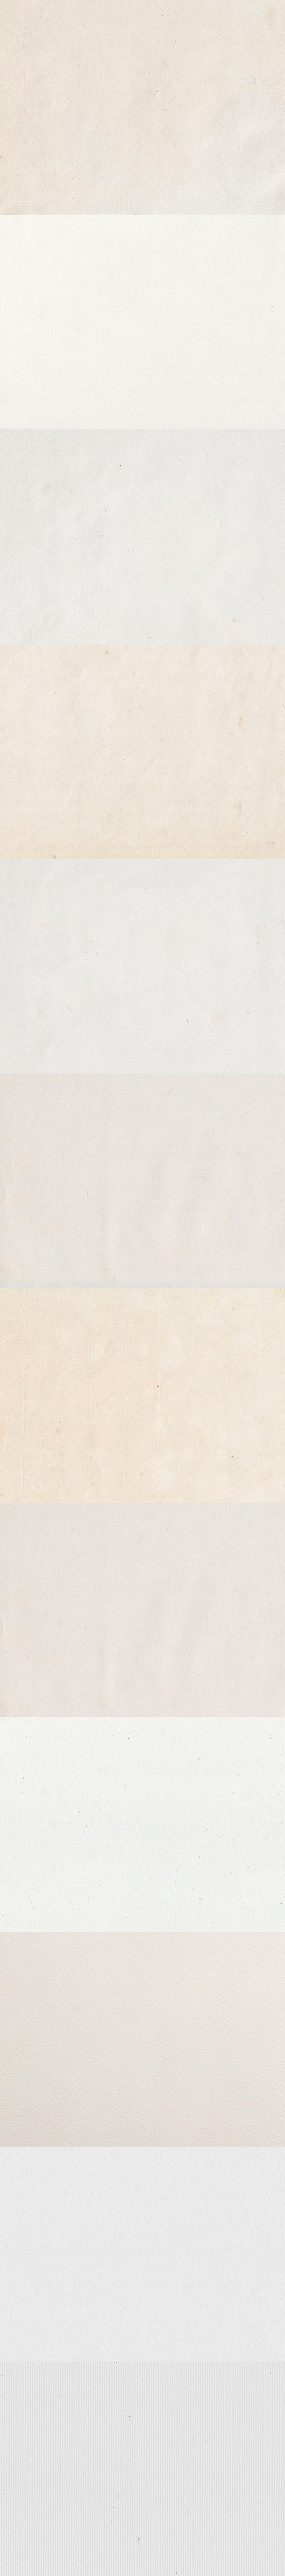 12-paper-textures-600